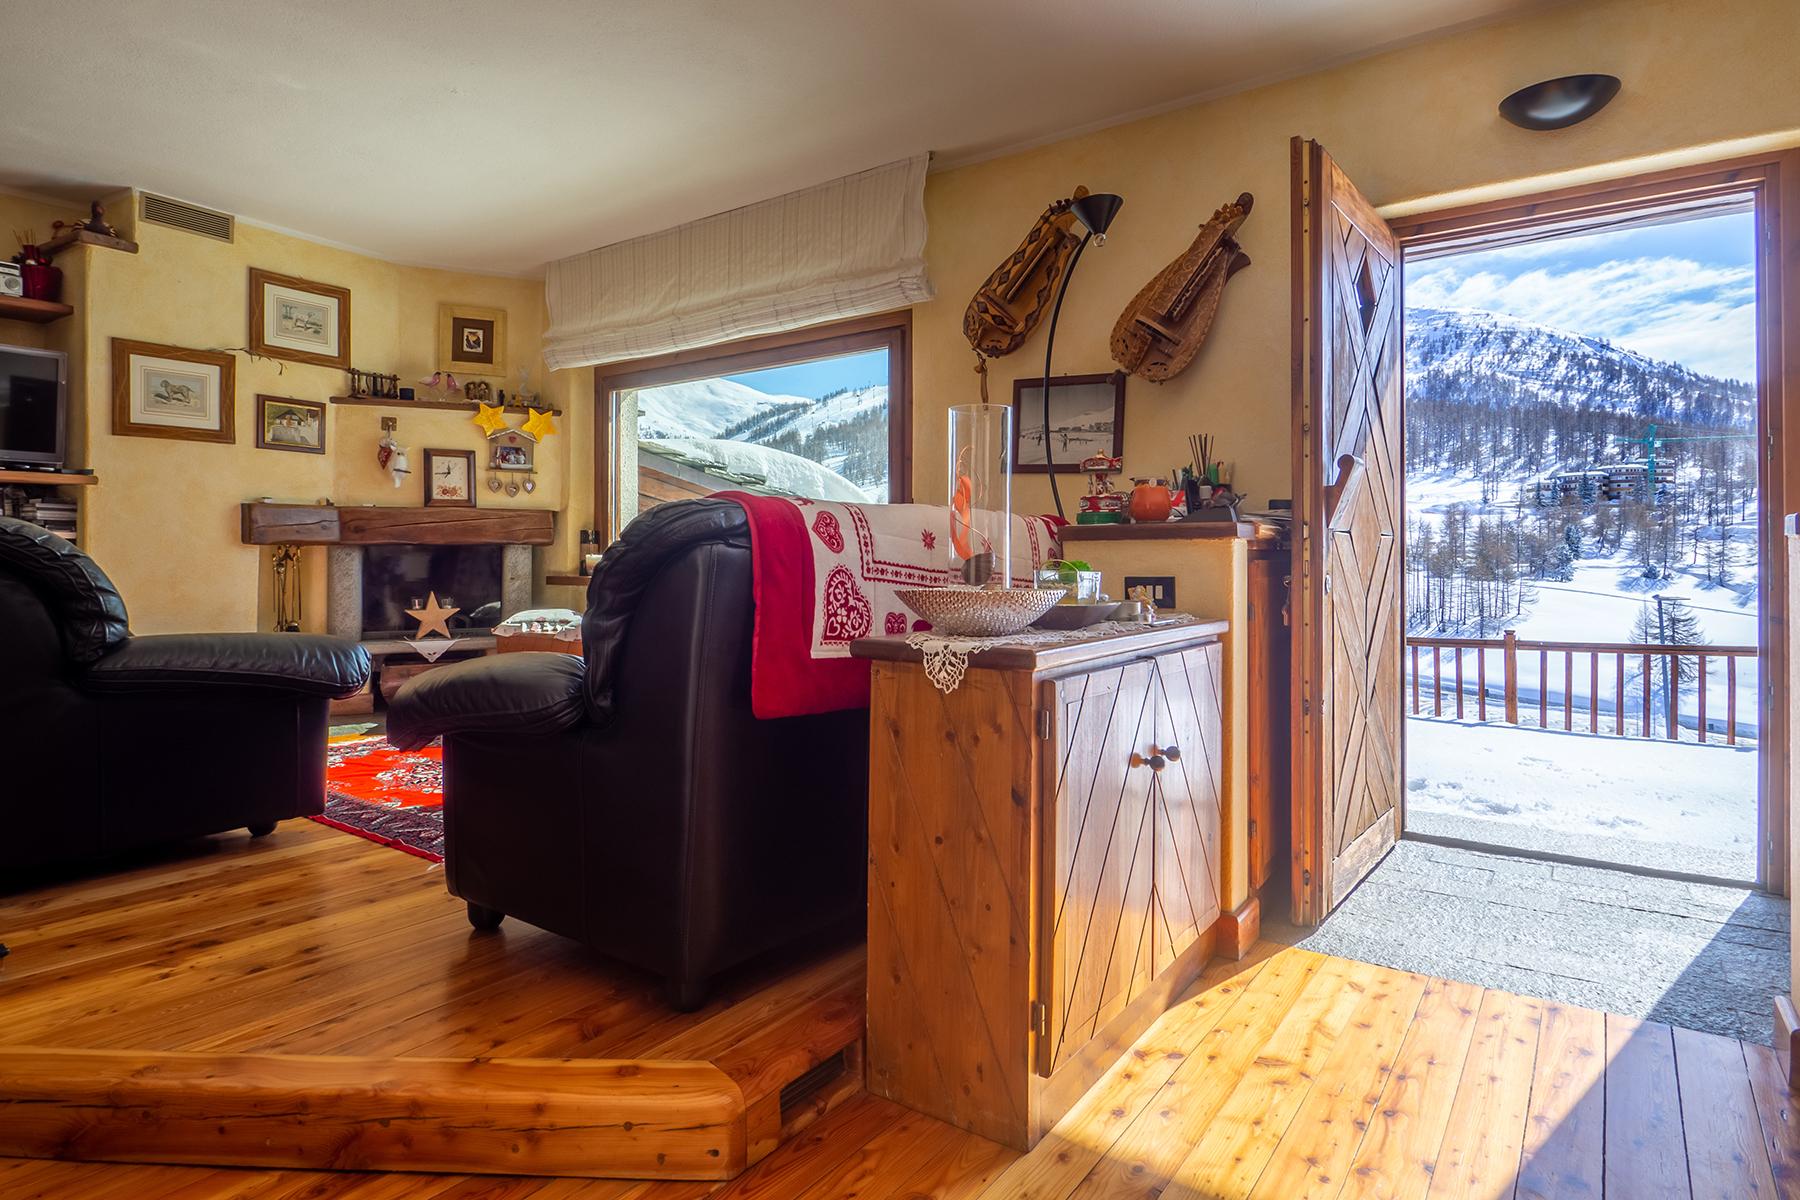 Casa indipendente in Vendita a Sestriere: 5 locali, 240 mq - Foto 6